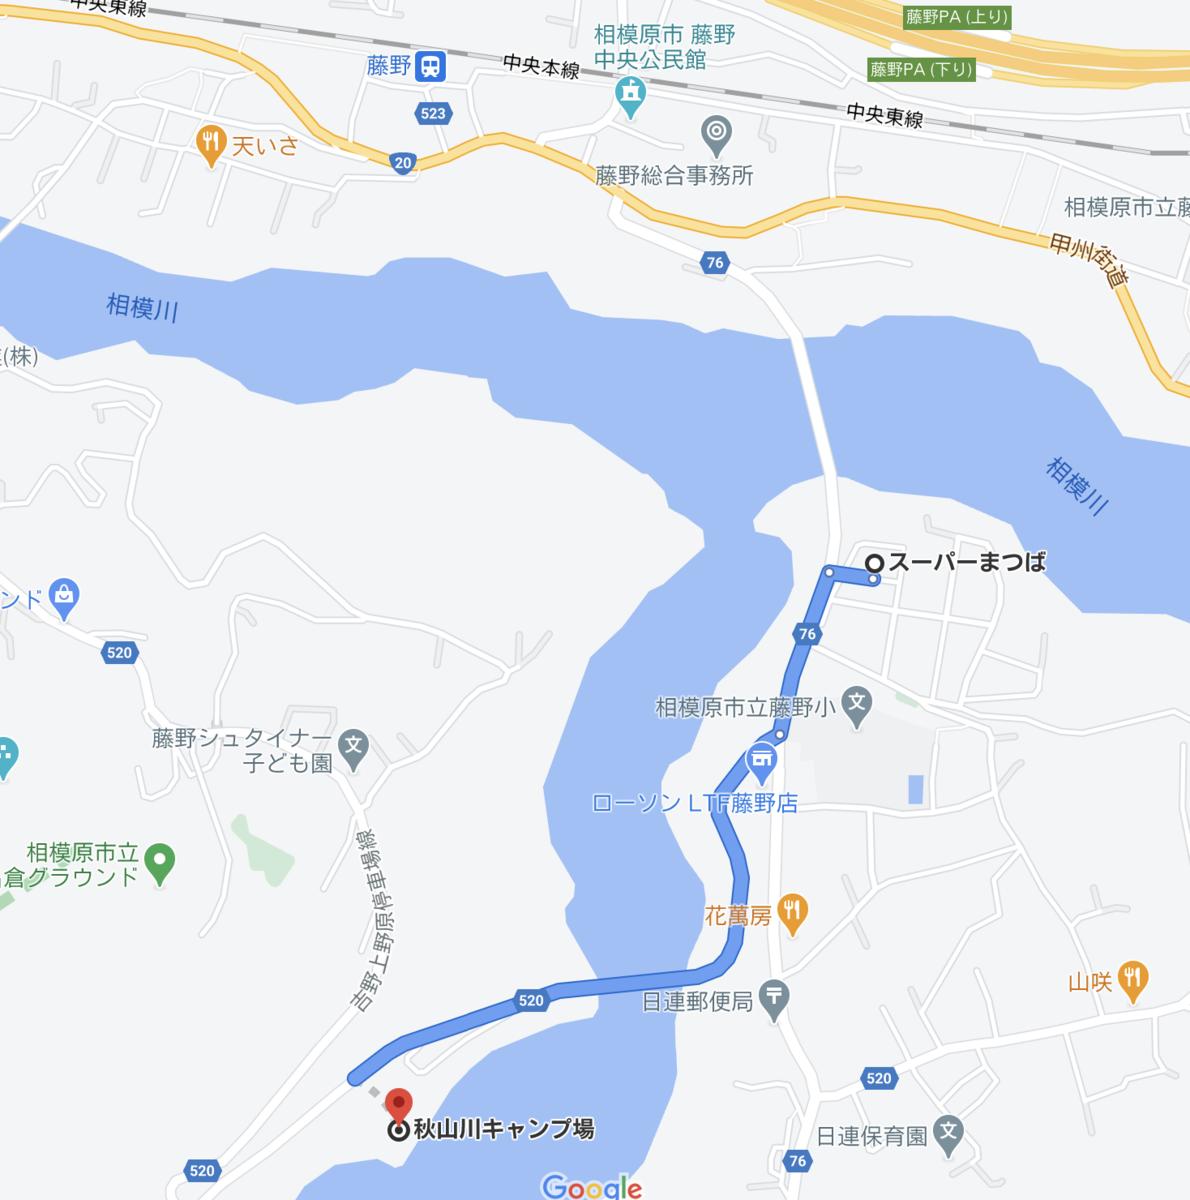 スーパーまつばから秋山川キャンプ場までの地図と経路